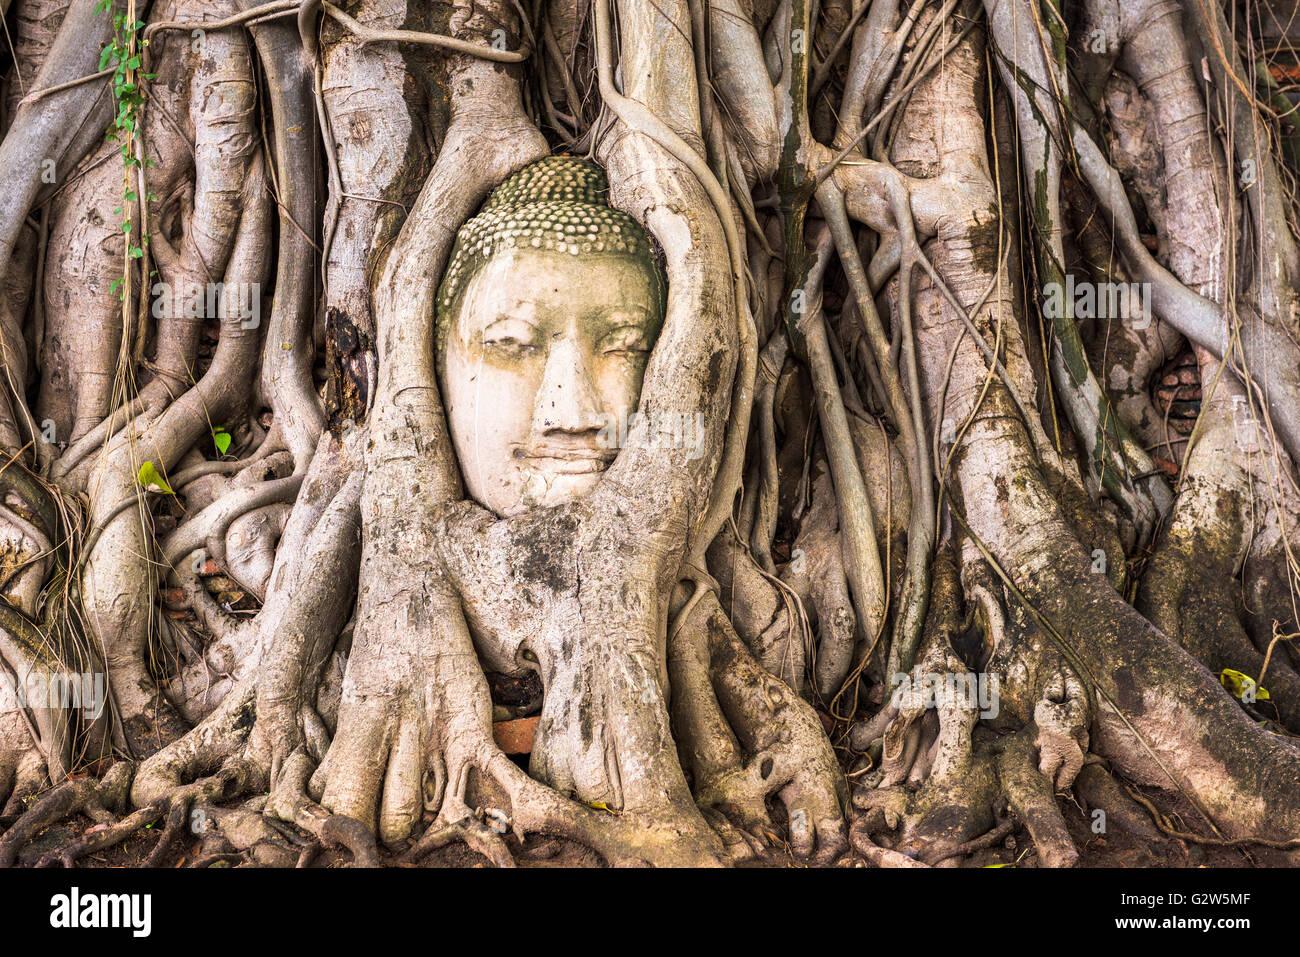 Buddha head in banyan tree roots at Wat Mahathat in Ayutthaya, Thailand. - Stock Image